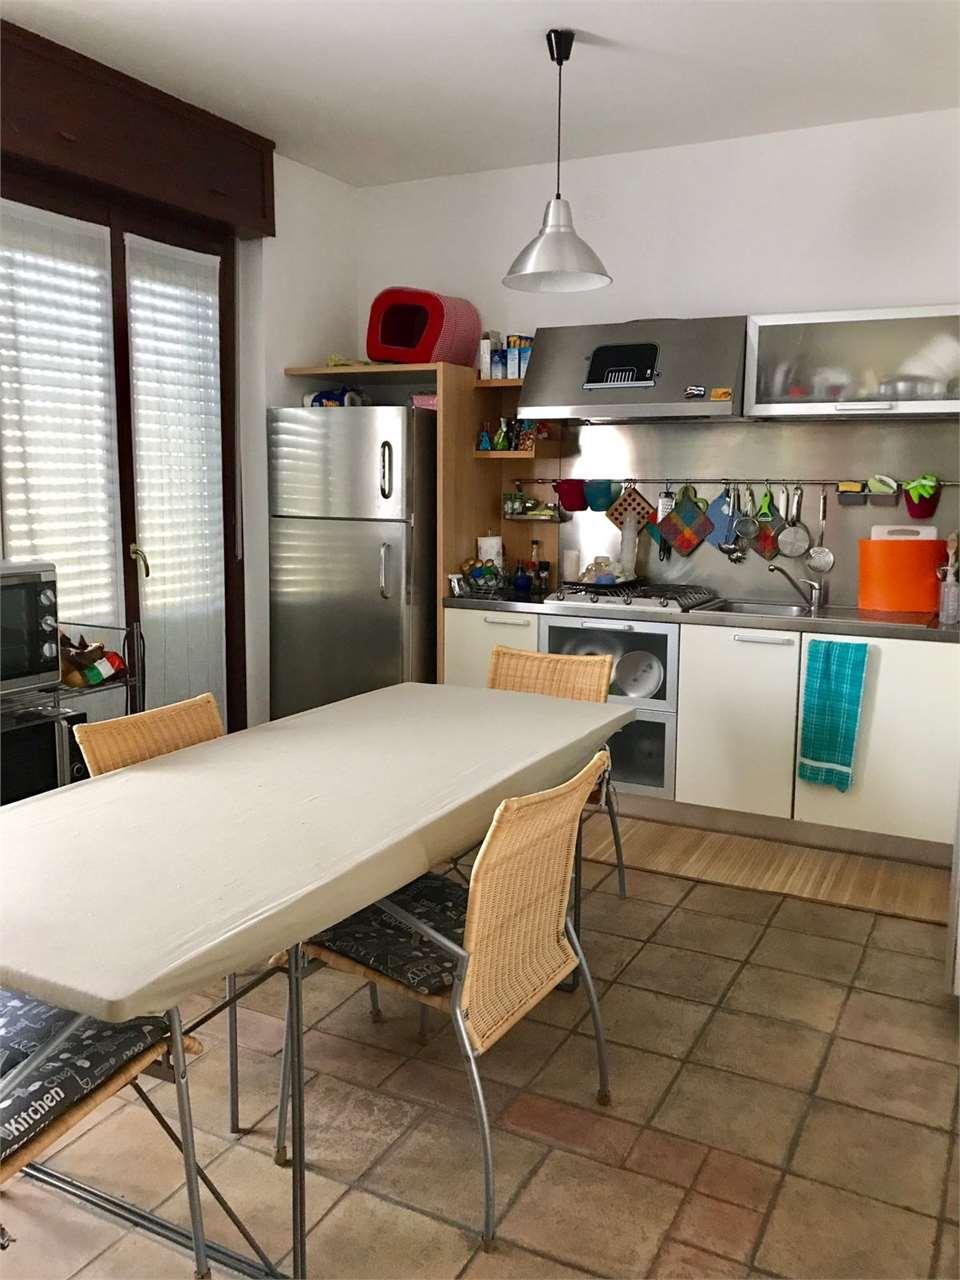 Appartamento in vendita a Mortara, 4 locali, prezzo € 200.000 | CambioCasa.it